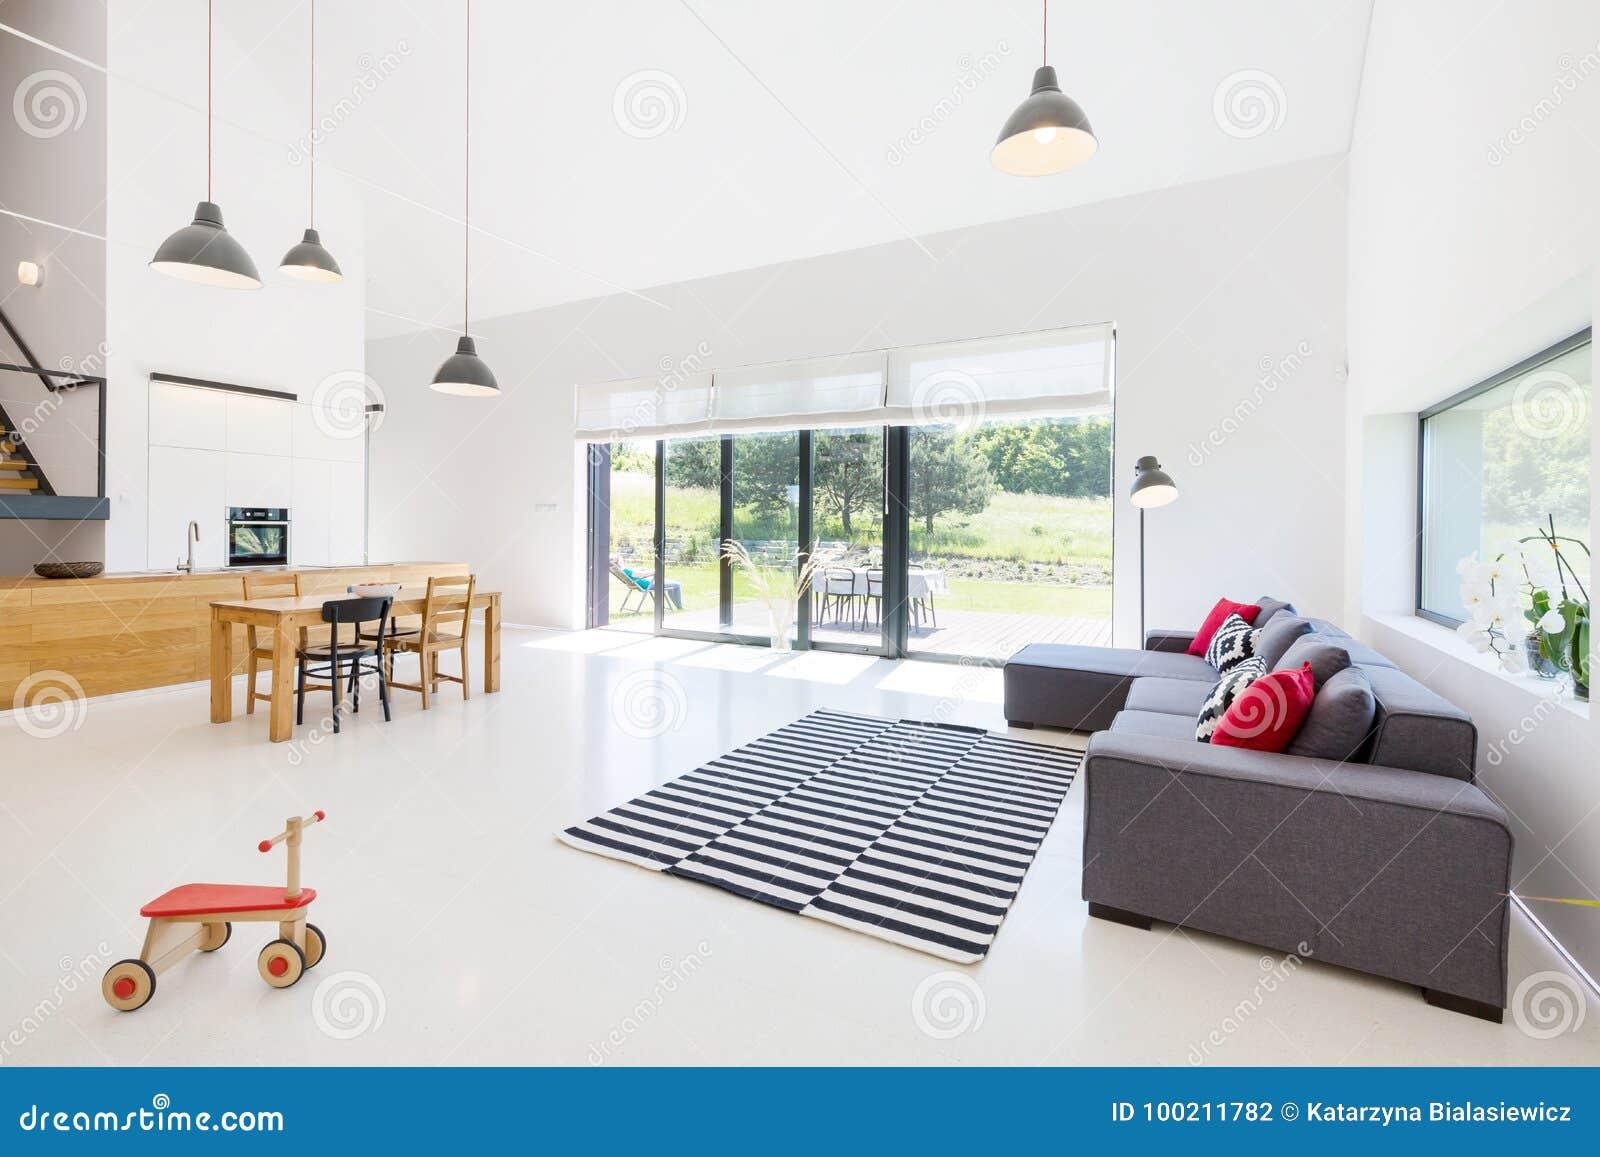 Spiksplinternieuw Woonkamer met Open Keuken stock foto. Afbeelding bestaande uit XU-77